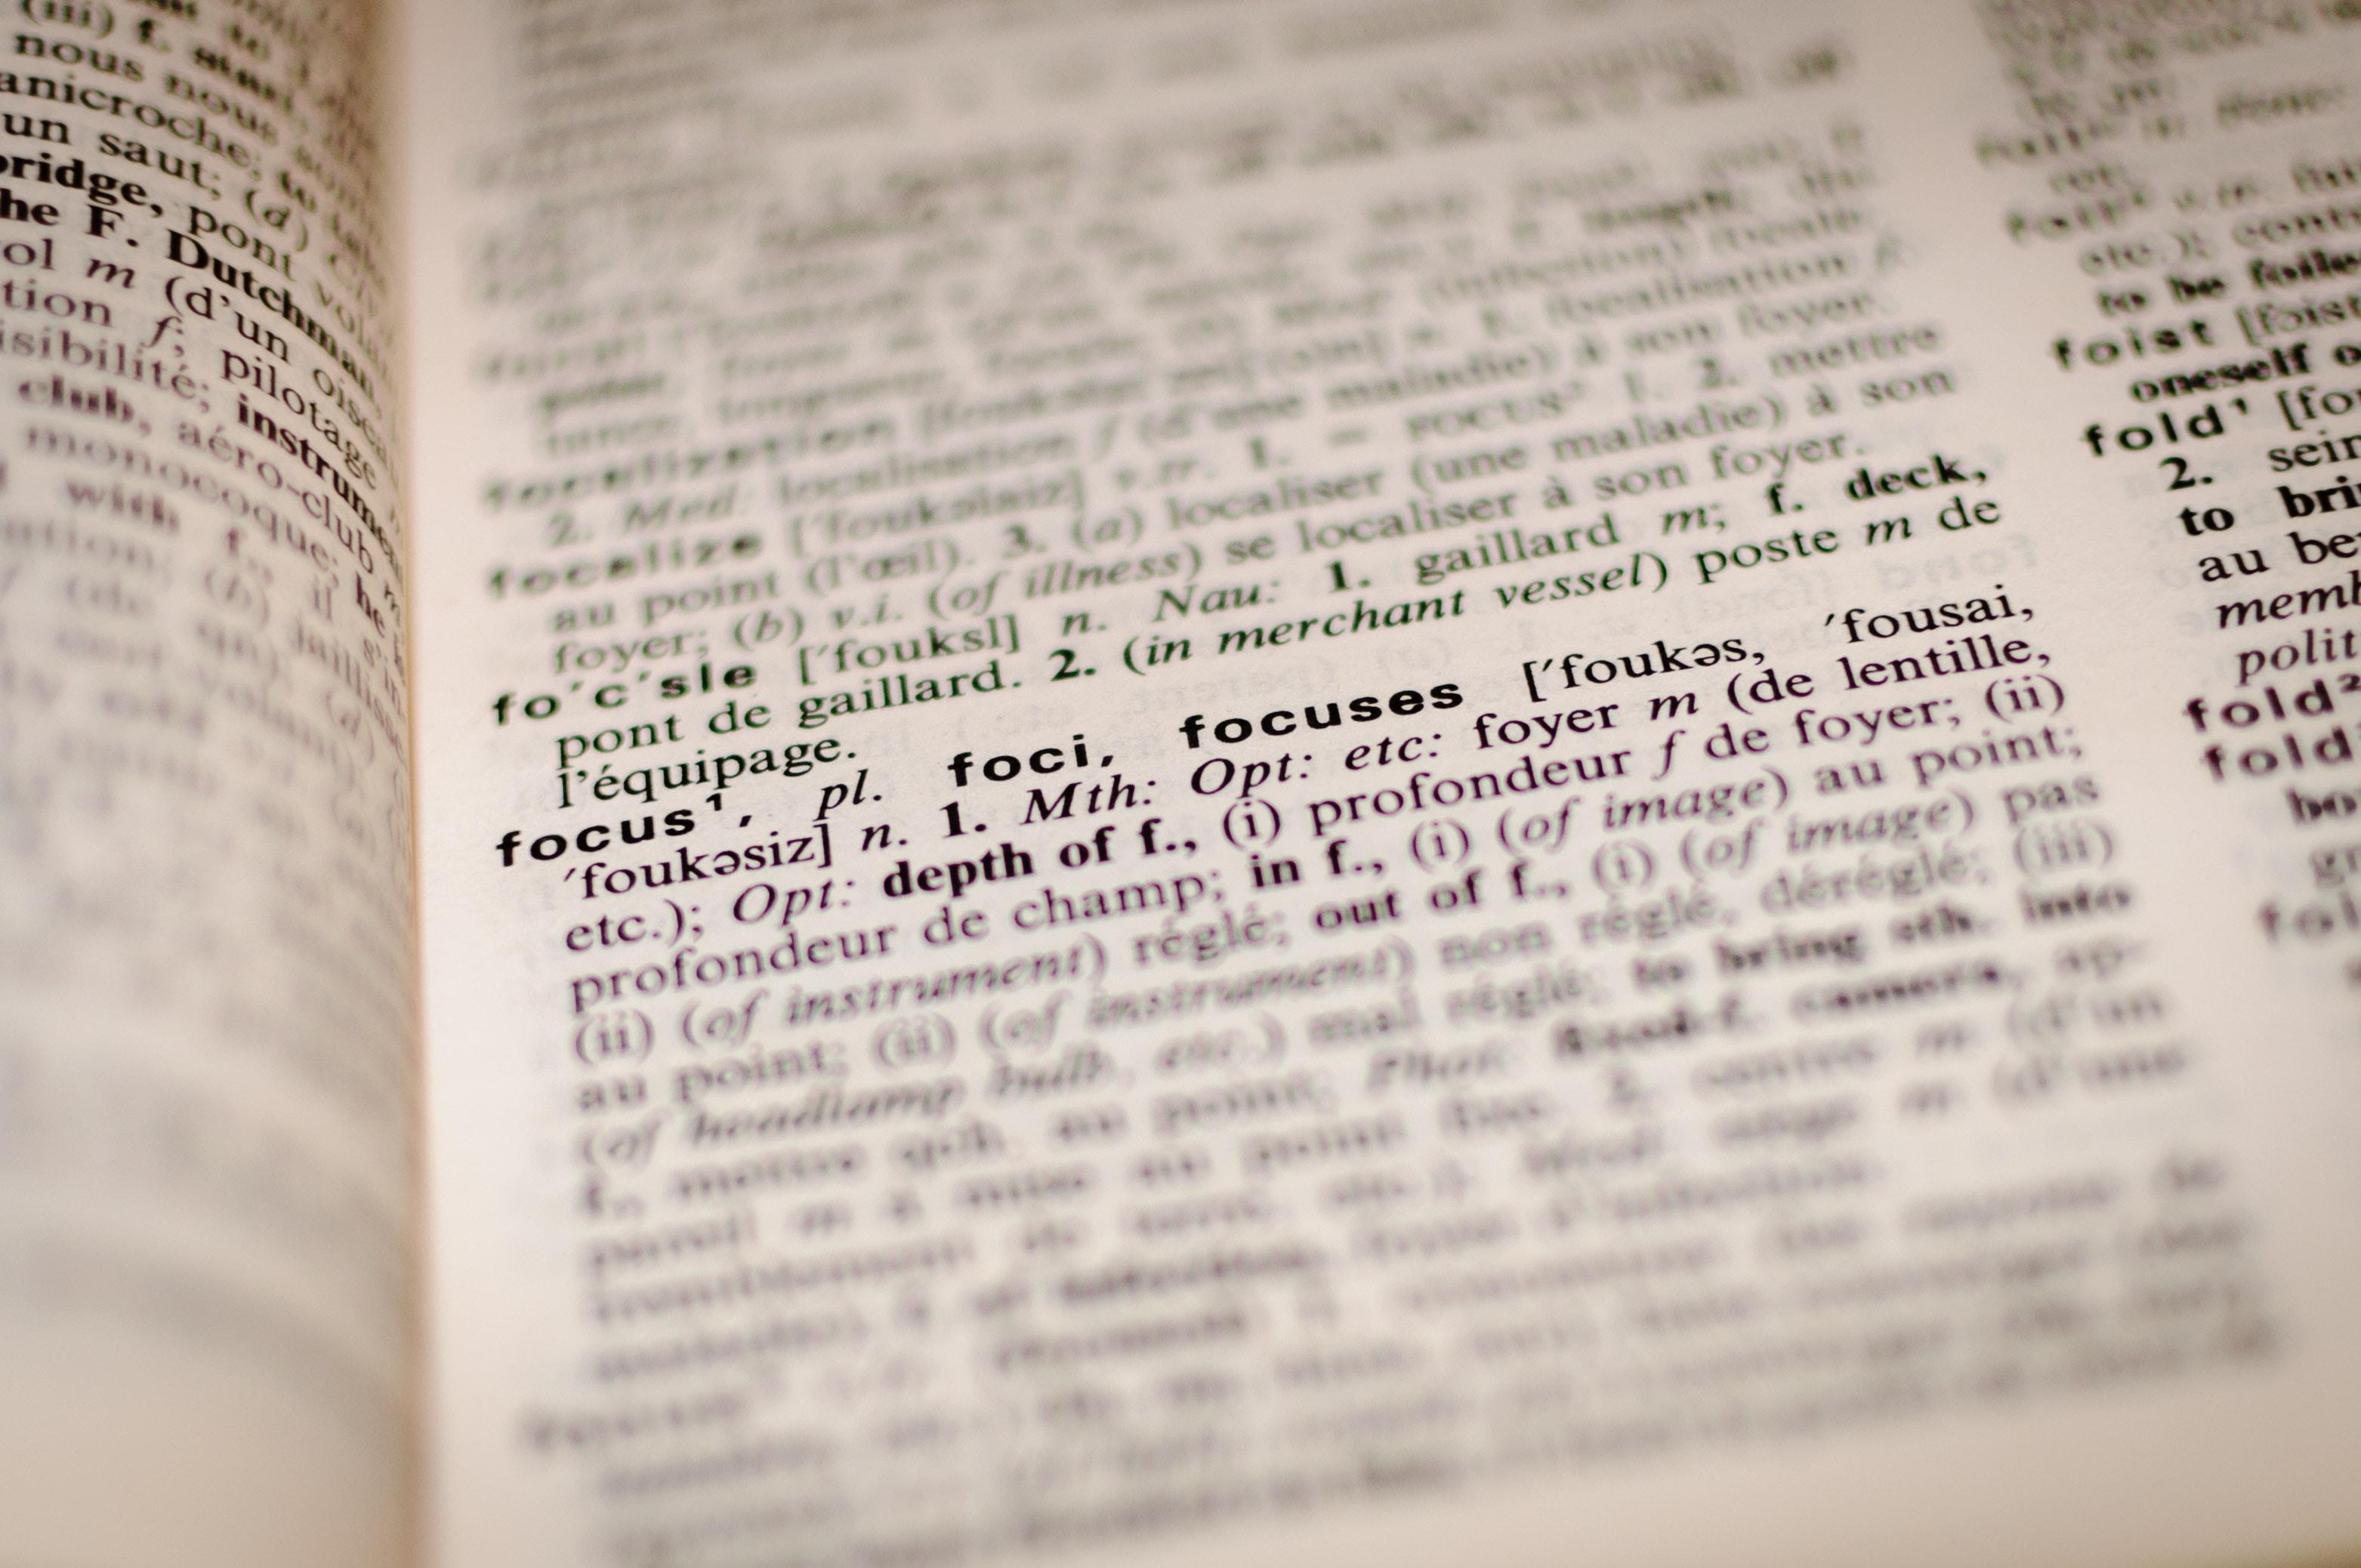 Unusual                                             Words  interesting stories